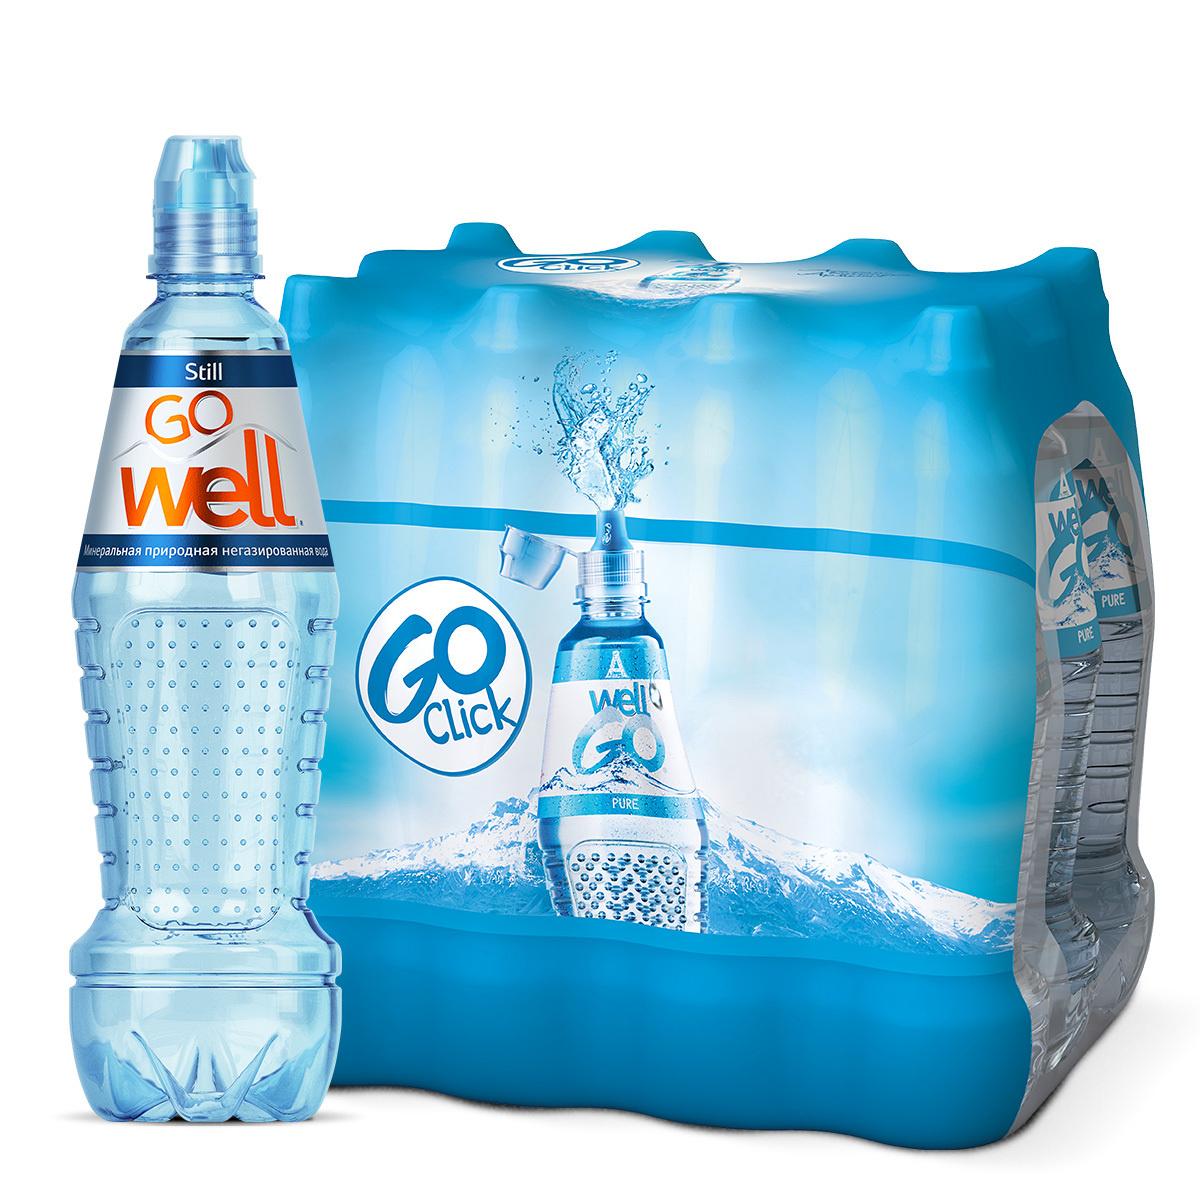 Вода минеральная столовая природная негазированная пэт, 12 шт. по 0,68 л  #1